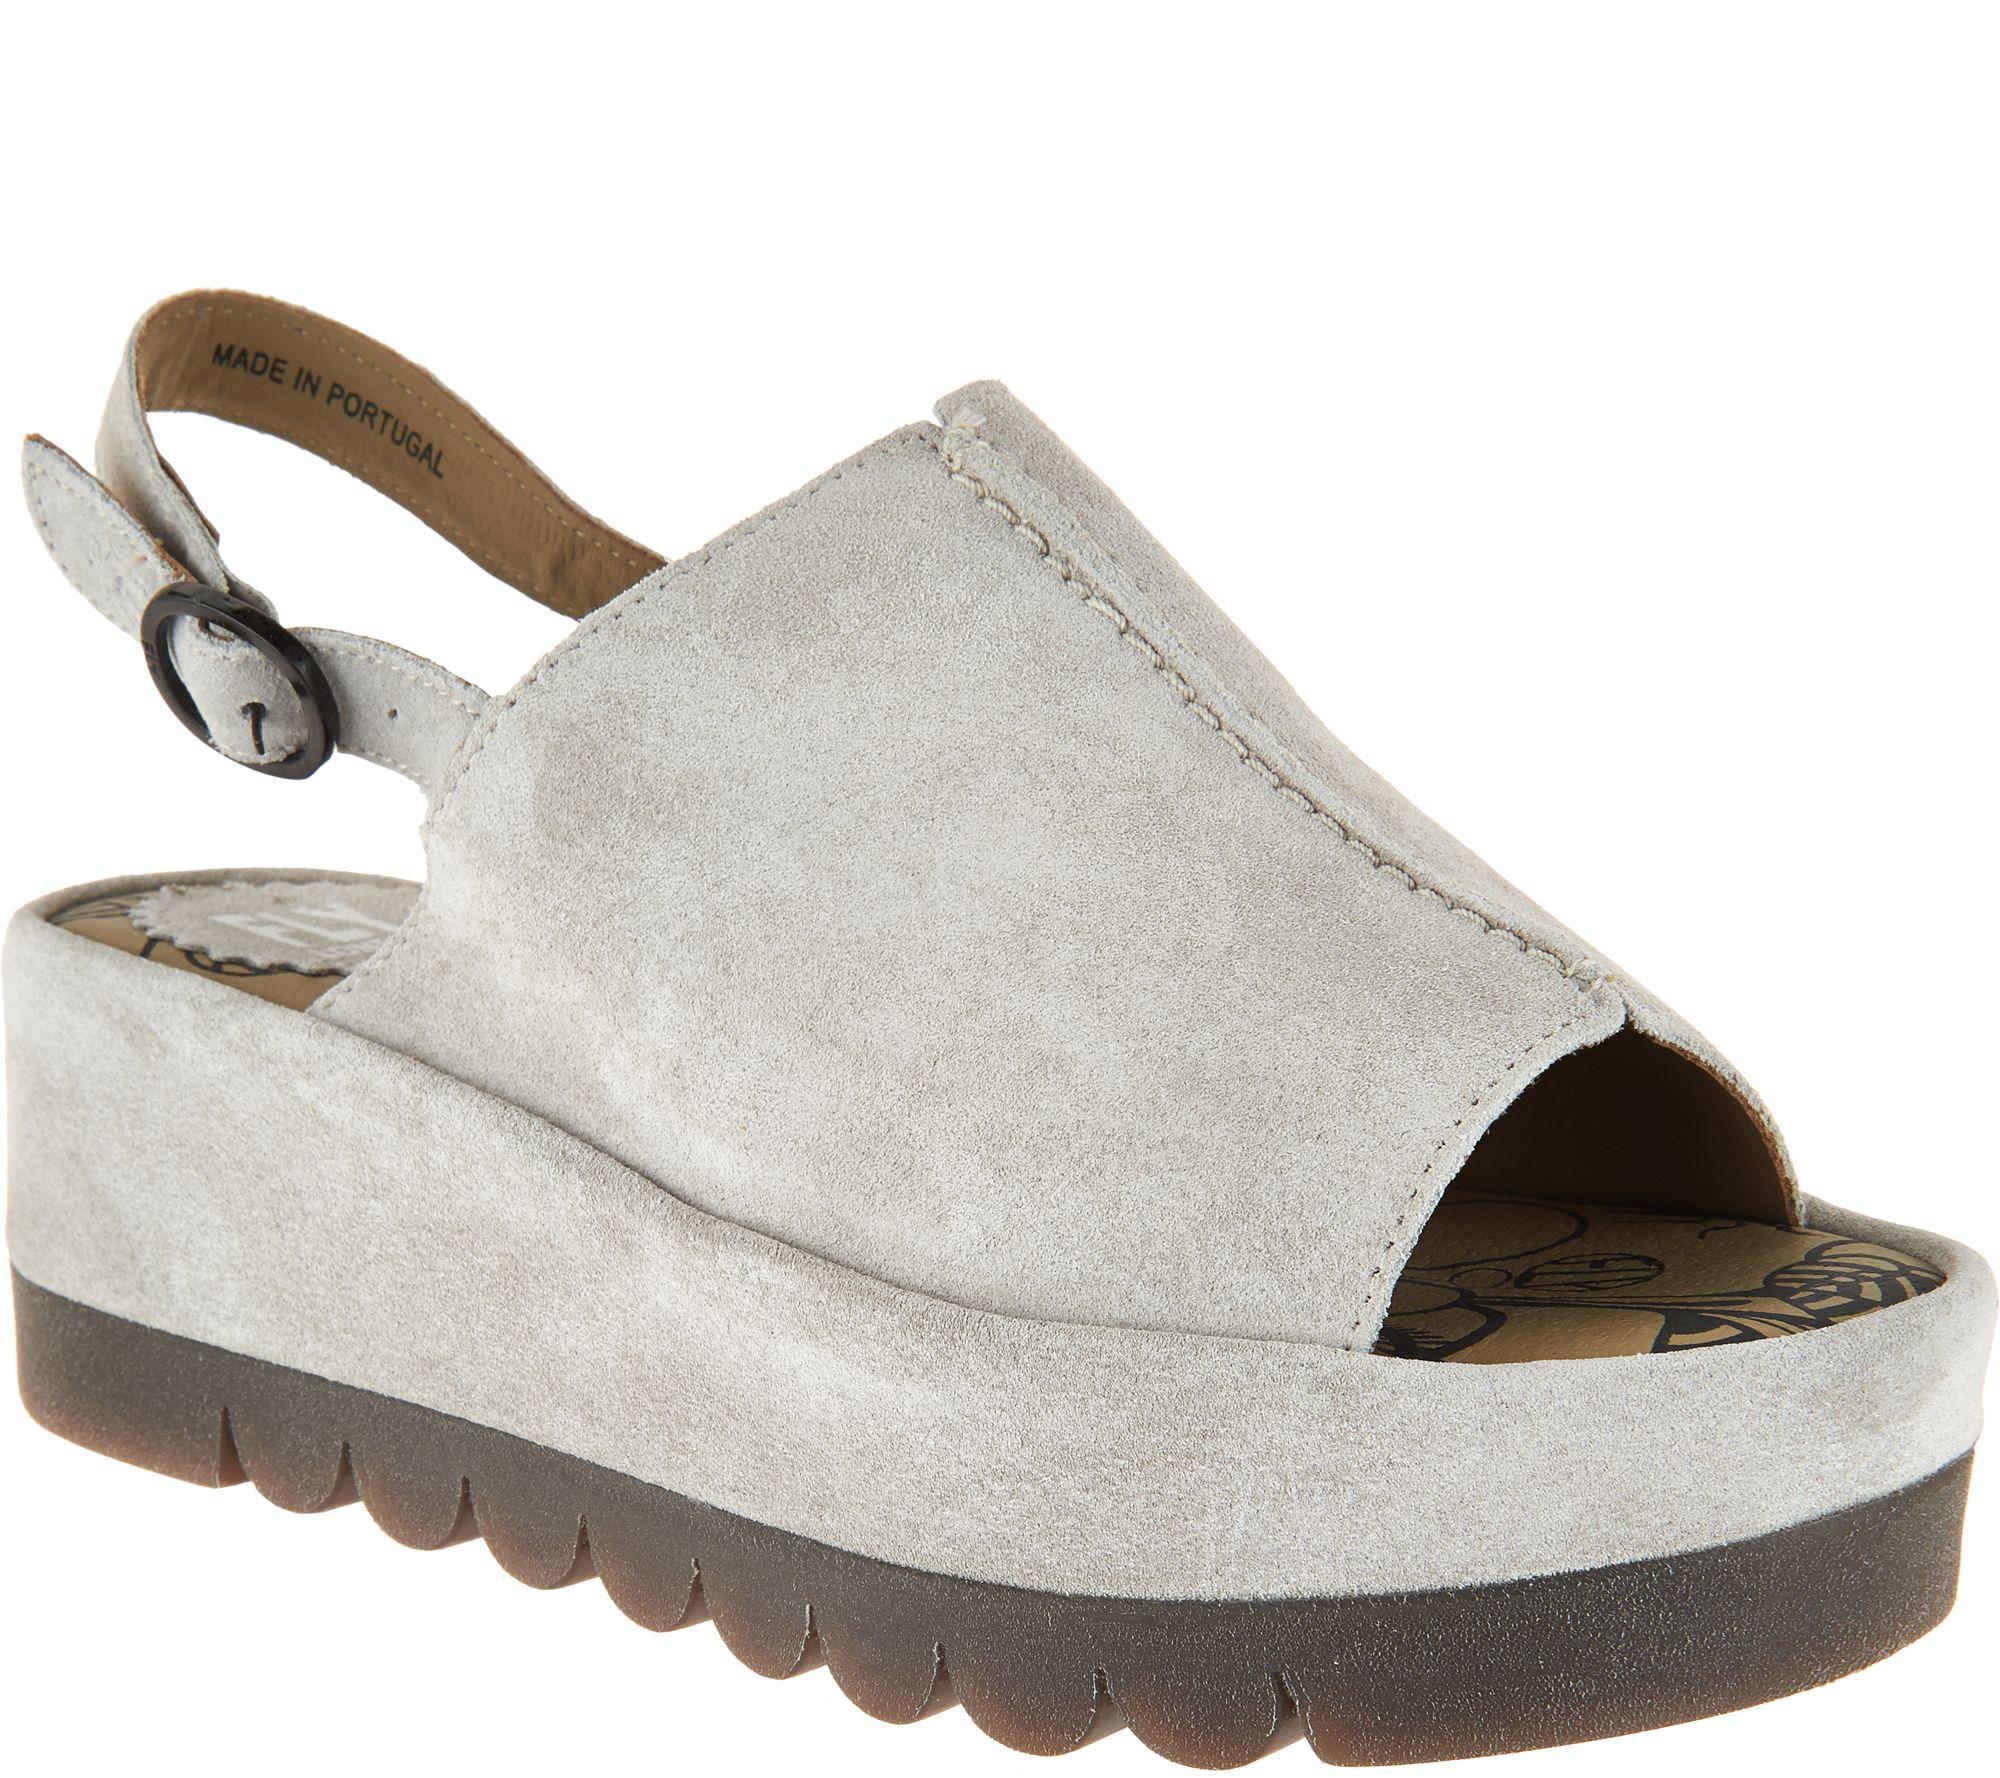 03b93e34d93 FLY London Leather Platflorm Sandals - Bora - Page 1 — QVC.com